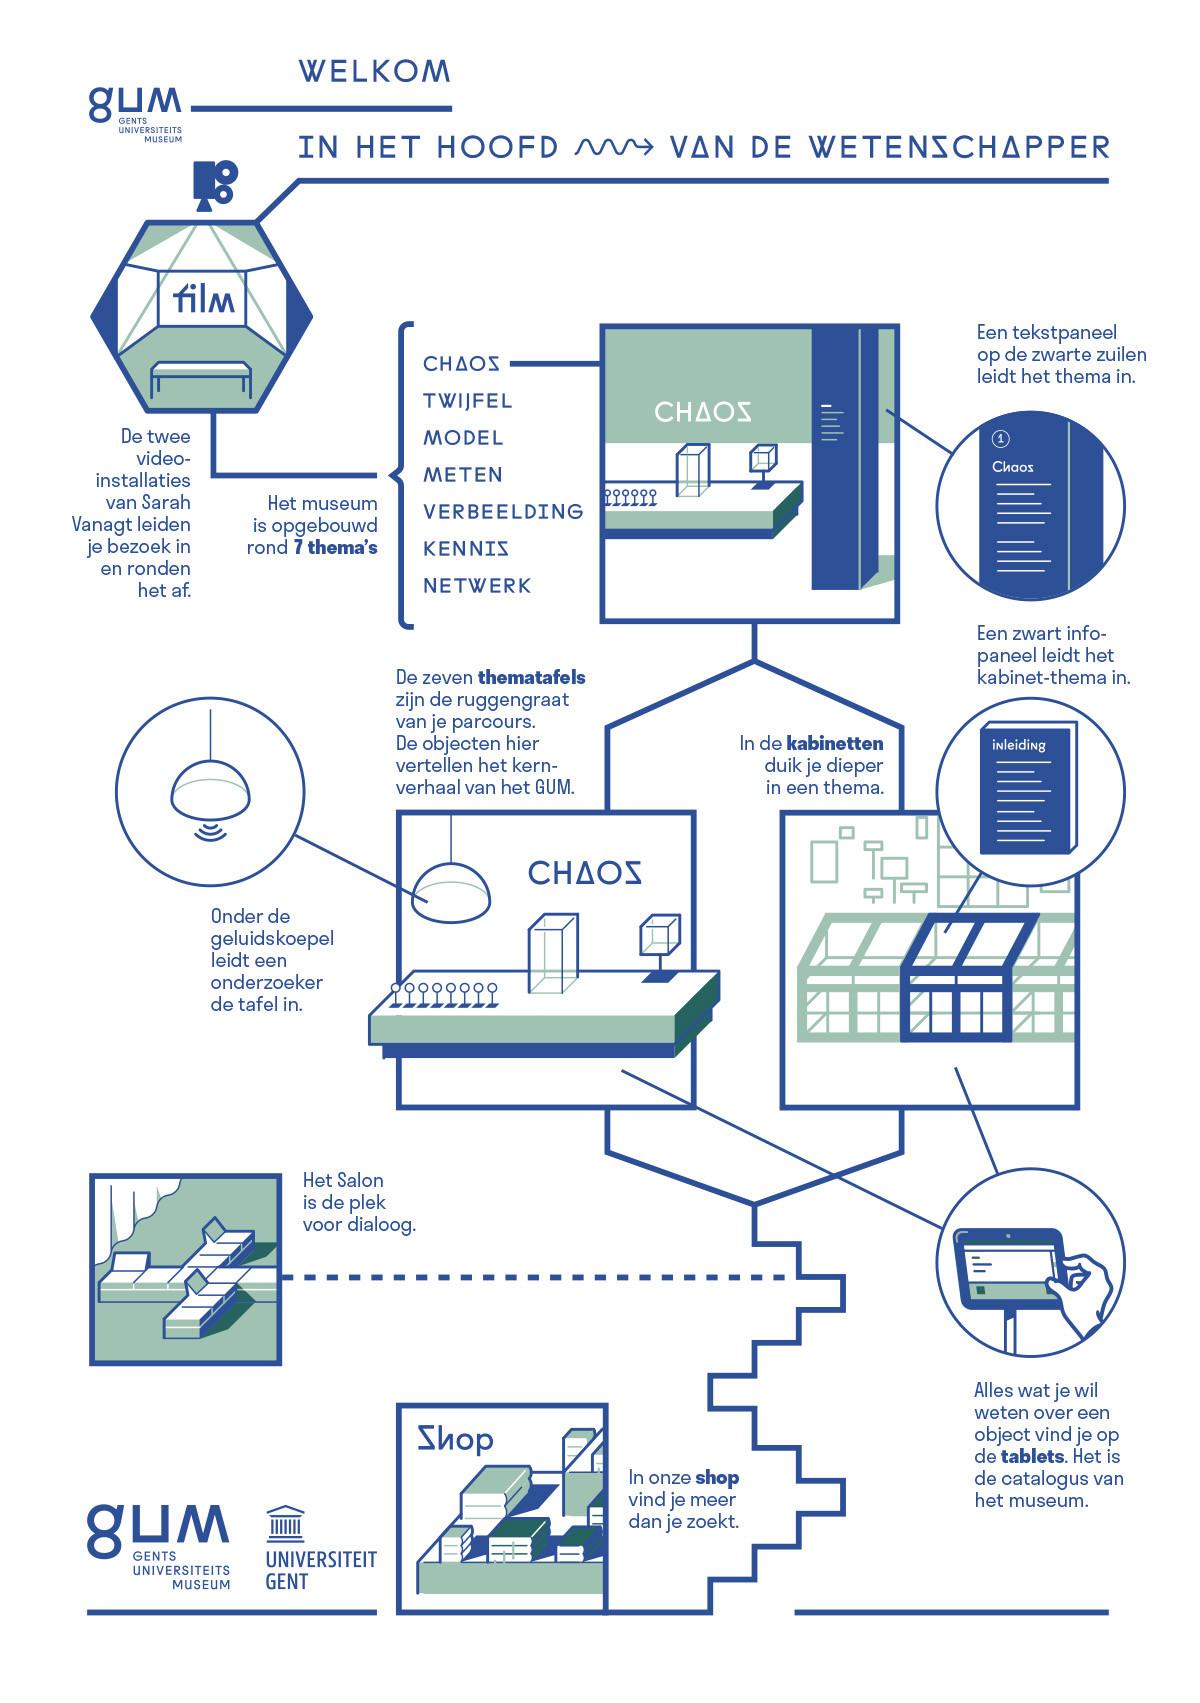 wegwijs in het GUM, infografiek wayfinding door Peter Willems